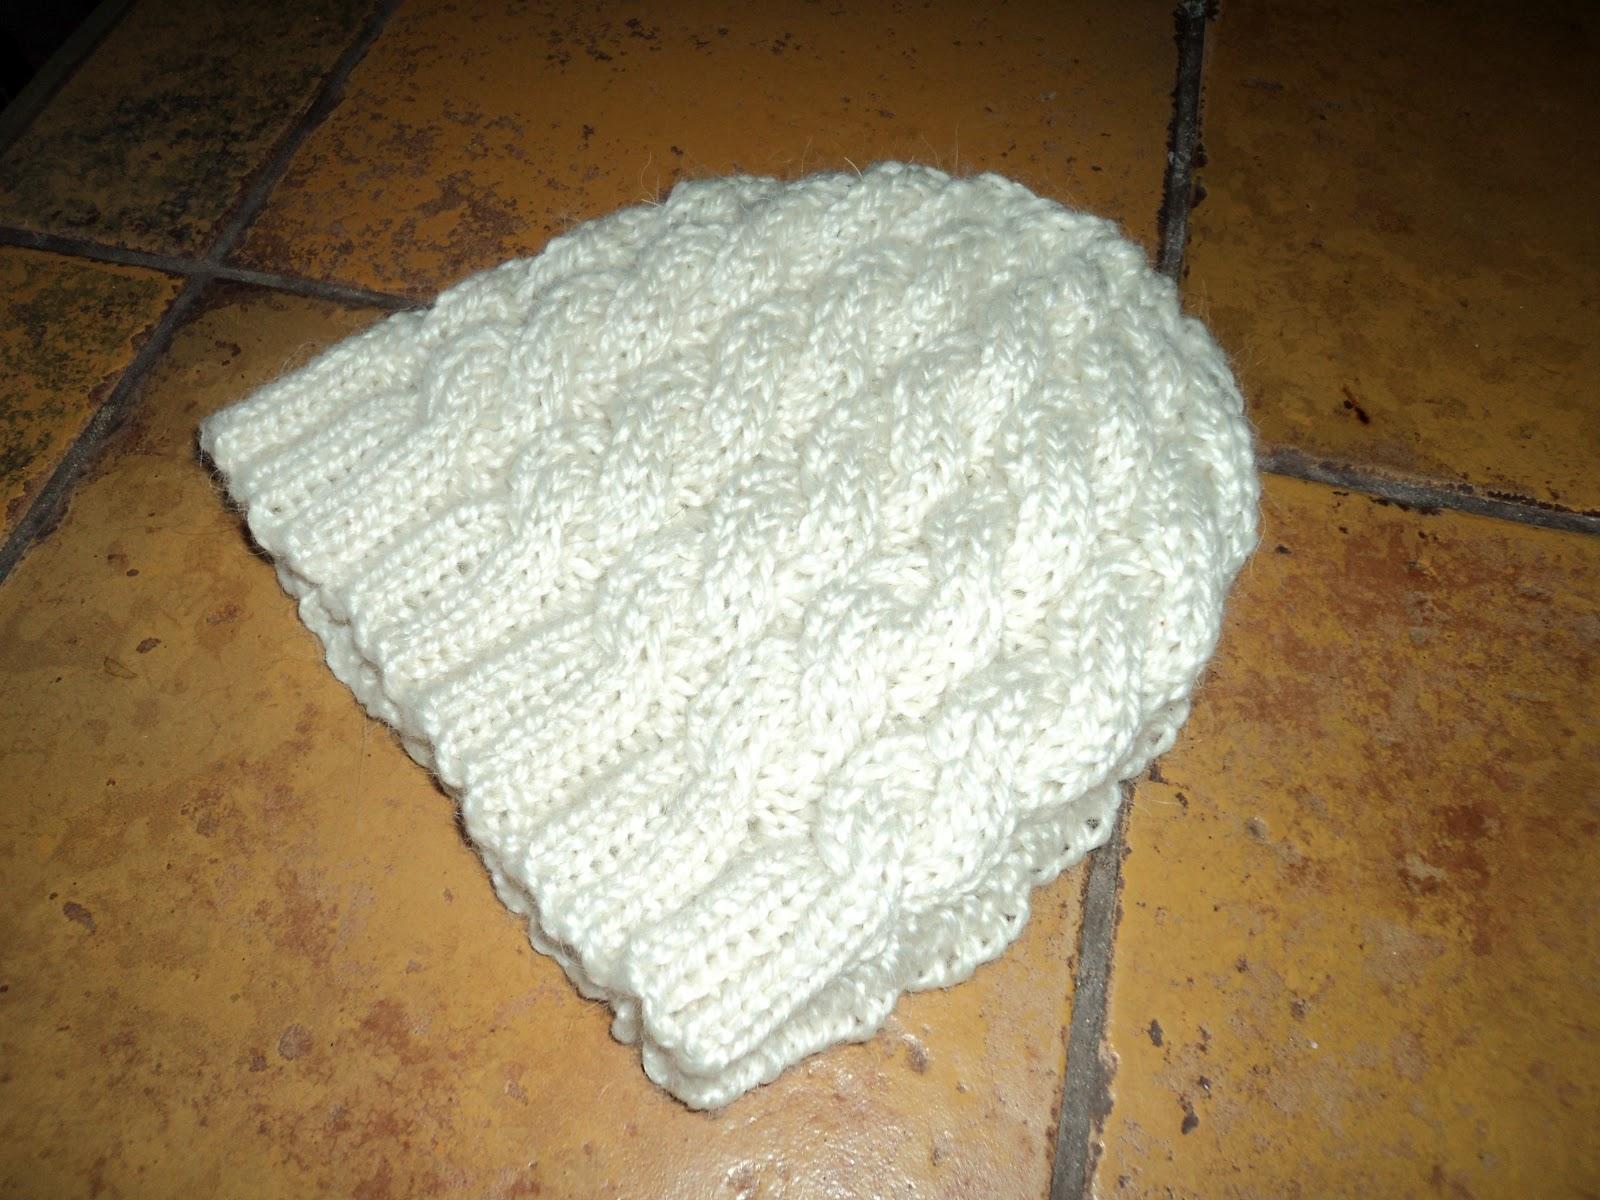 translating knit to machine knit